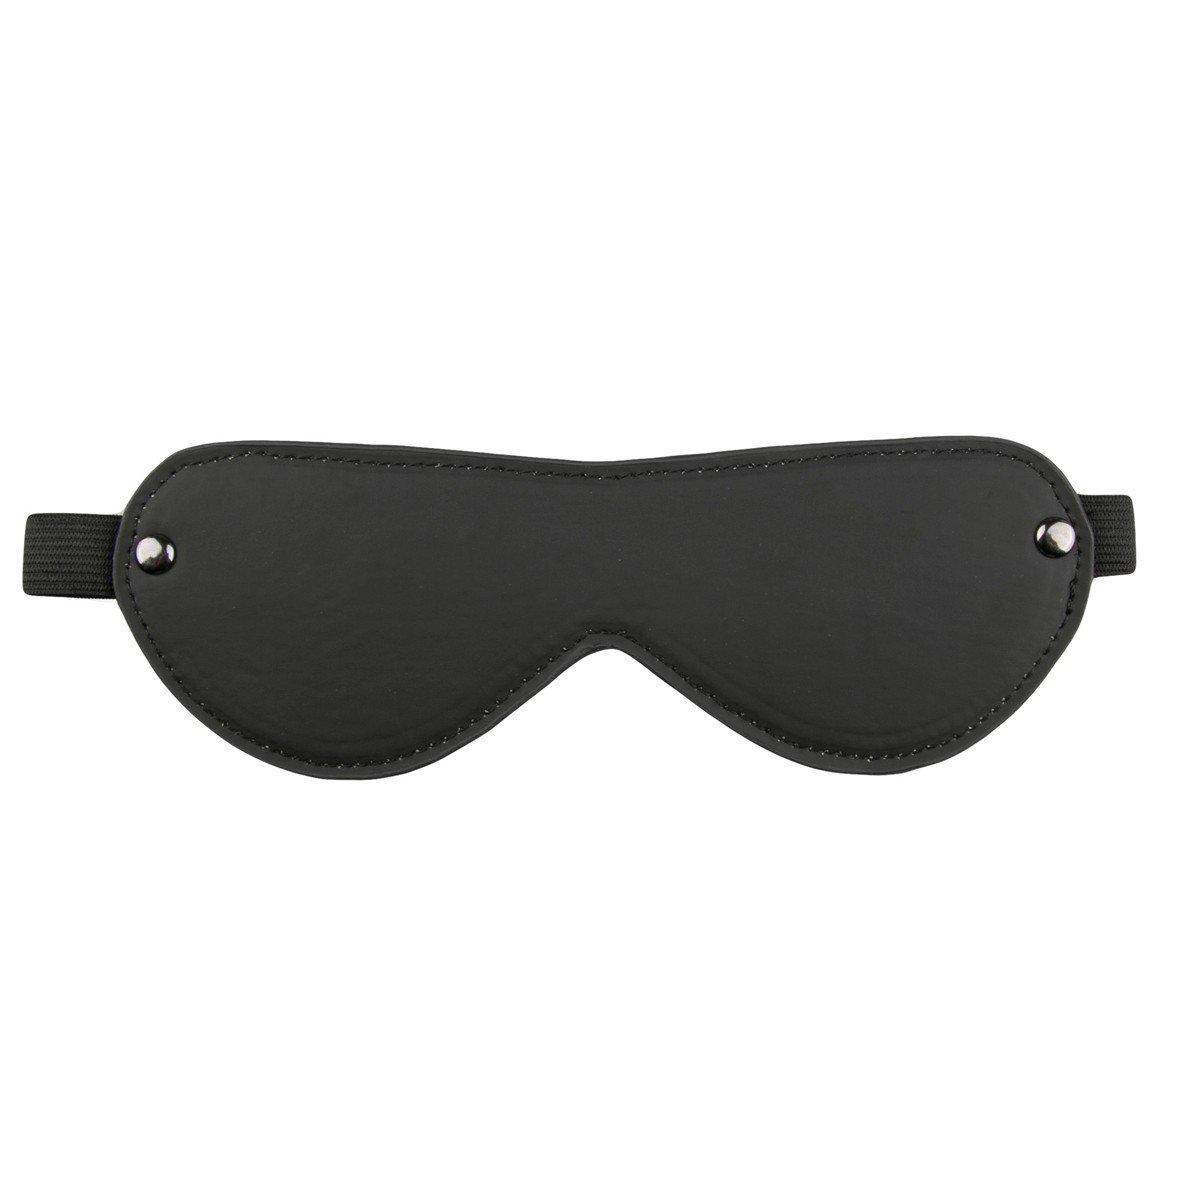 EasyToys Black Blindfold